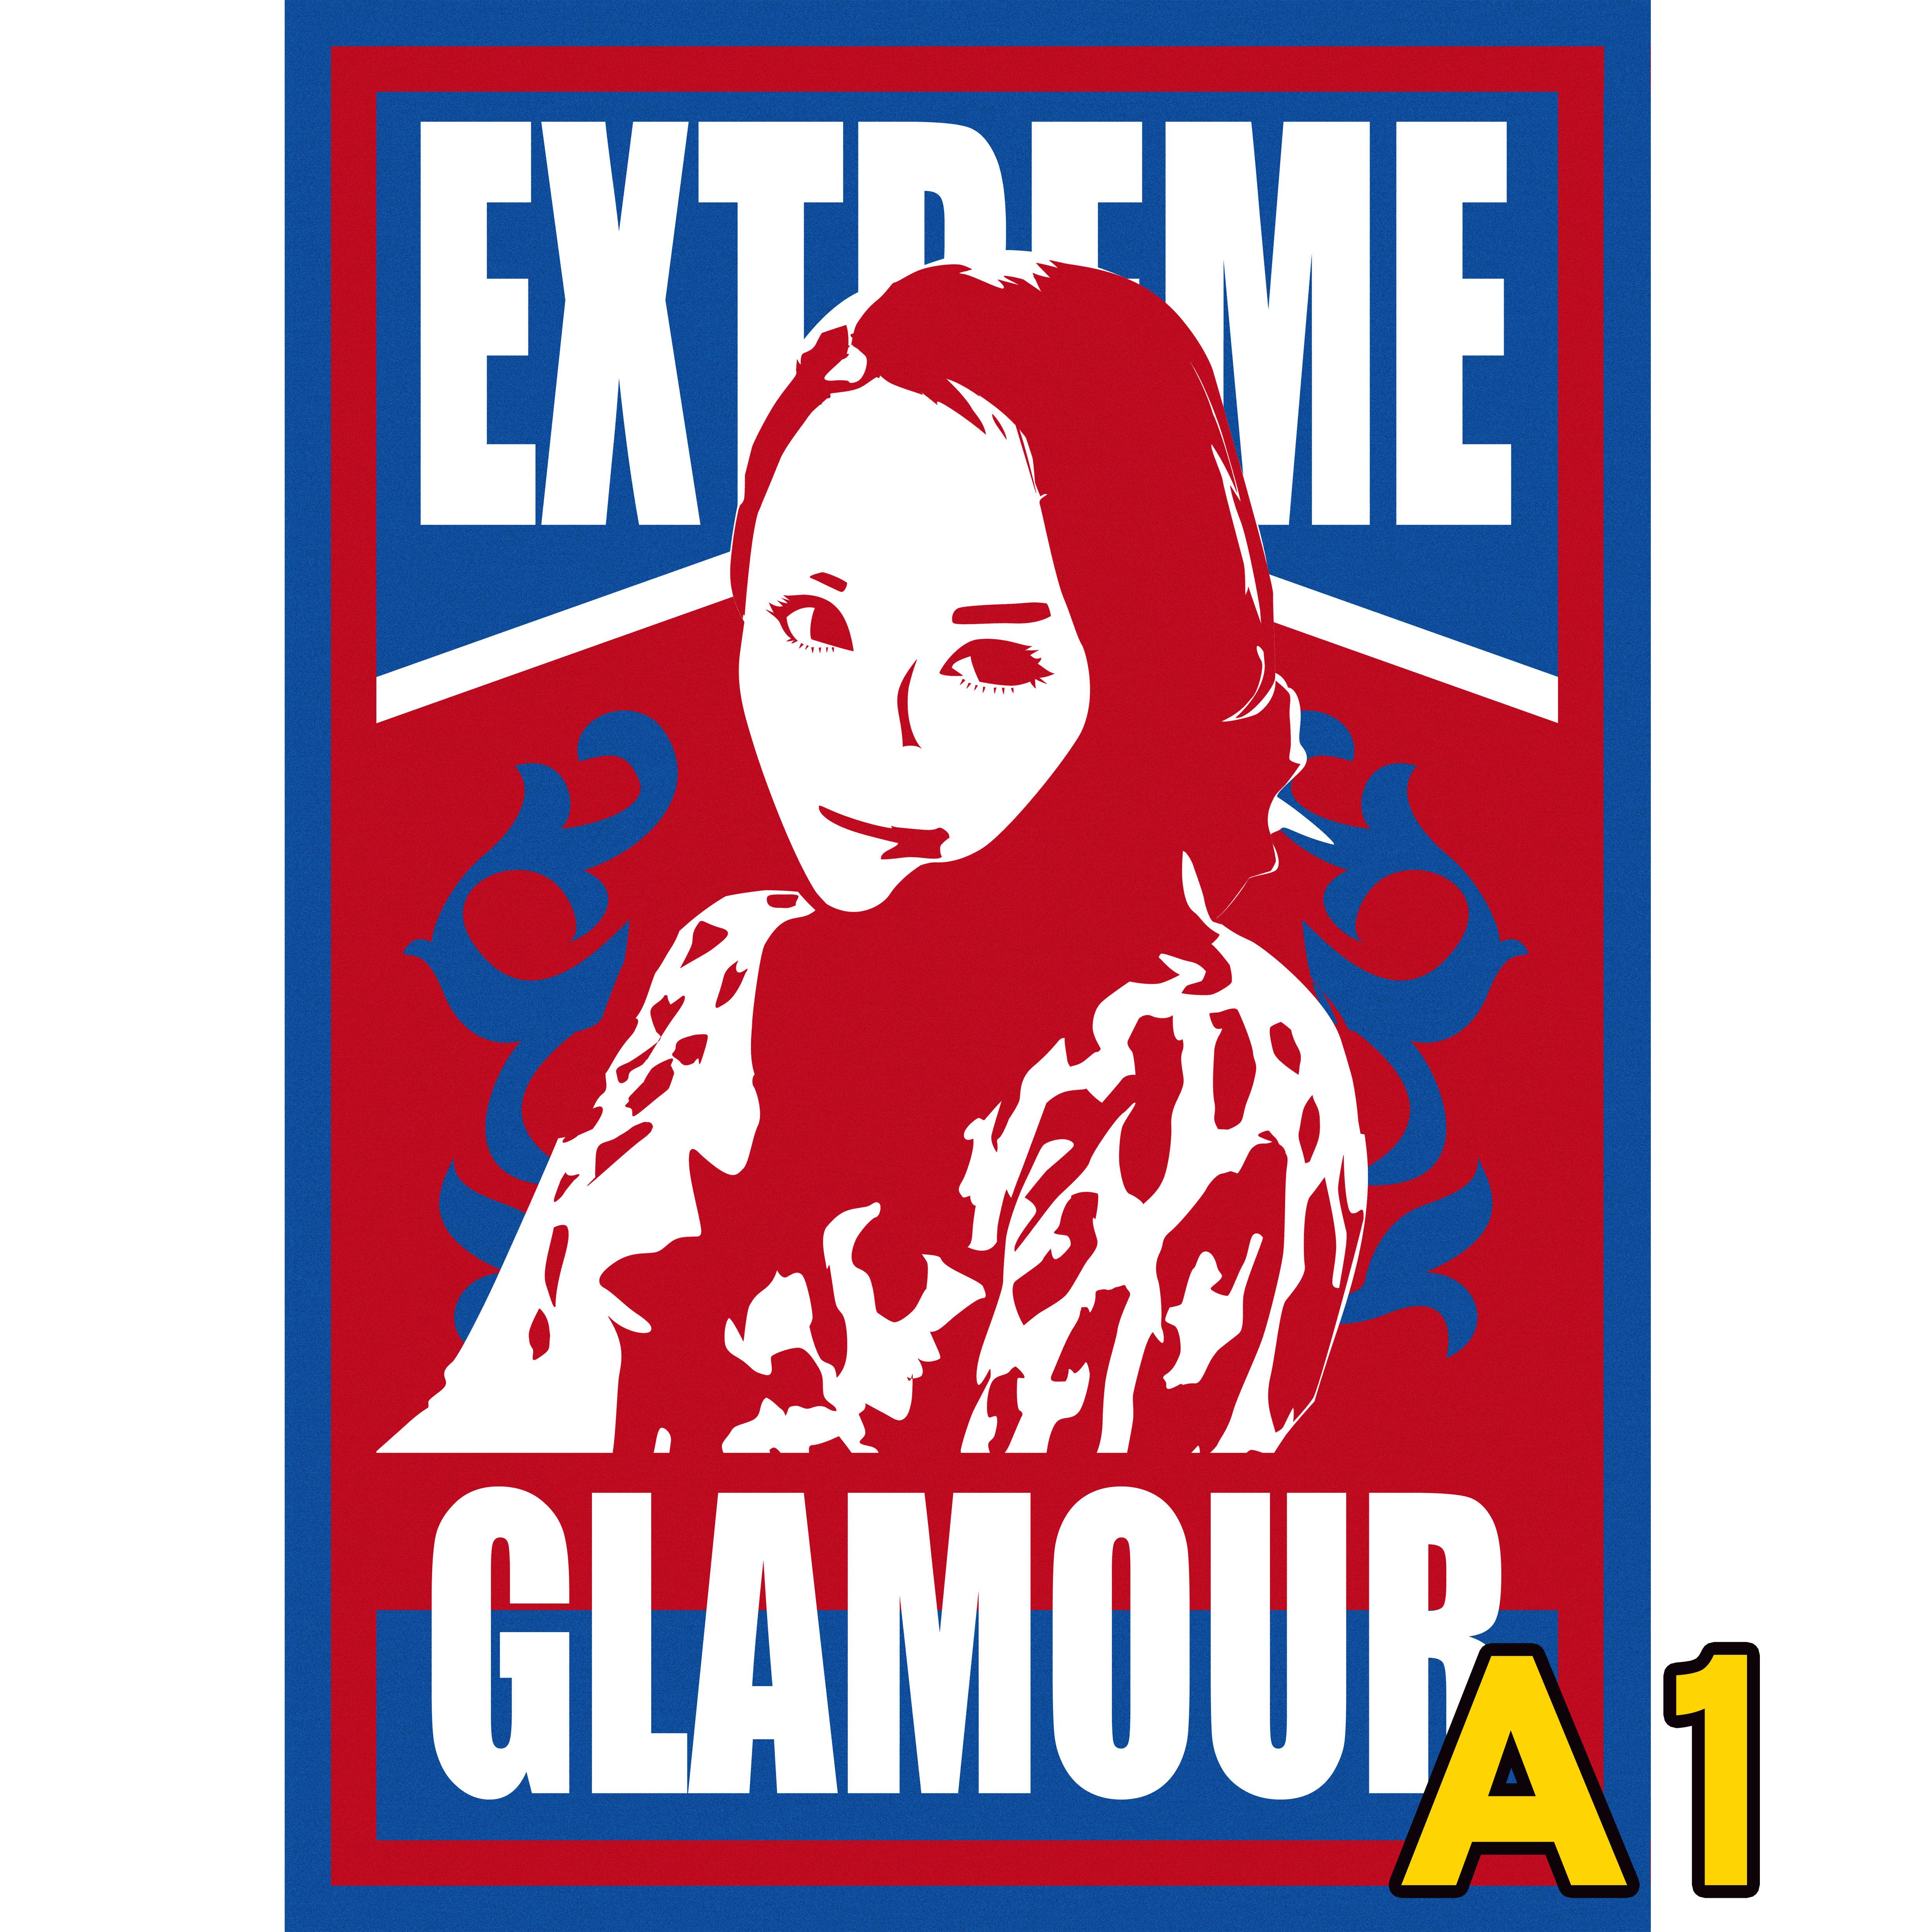 【オーダーメイドアート】ポスター・パネルボード/ファッション風/A1サイズ